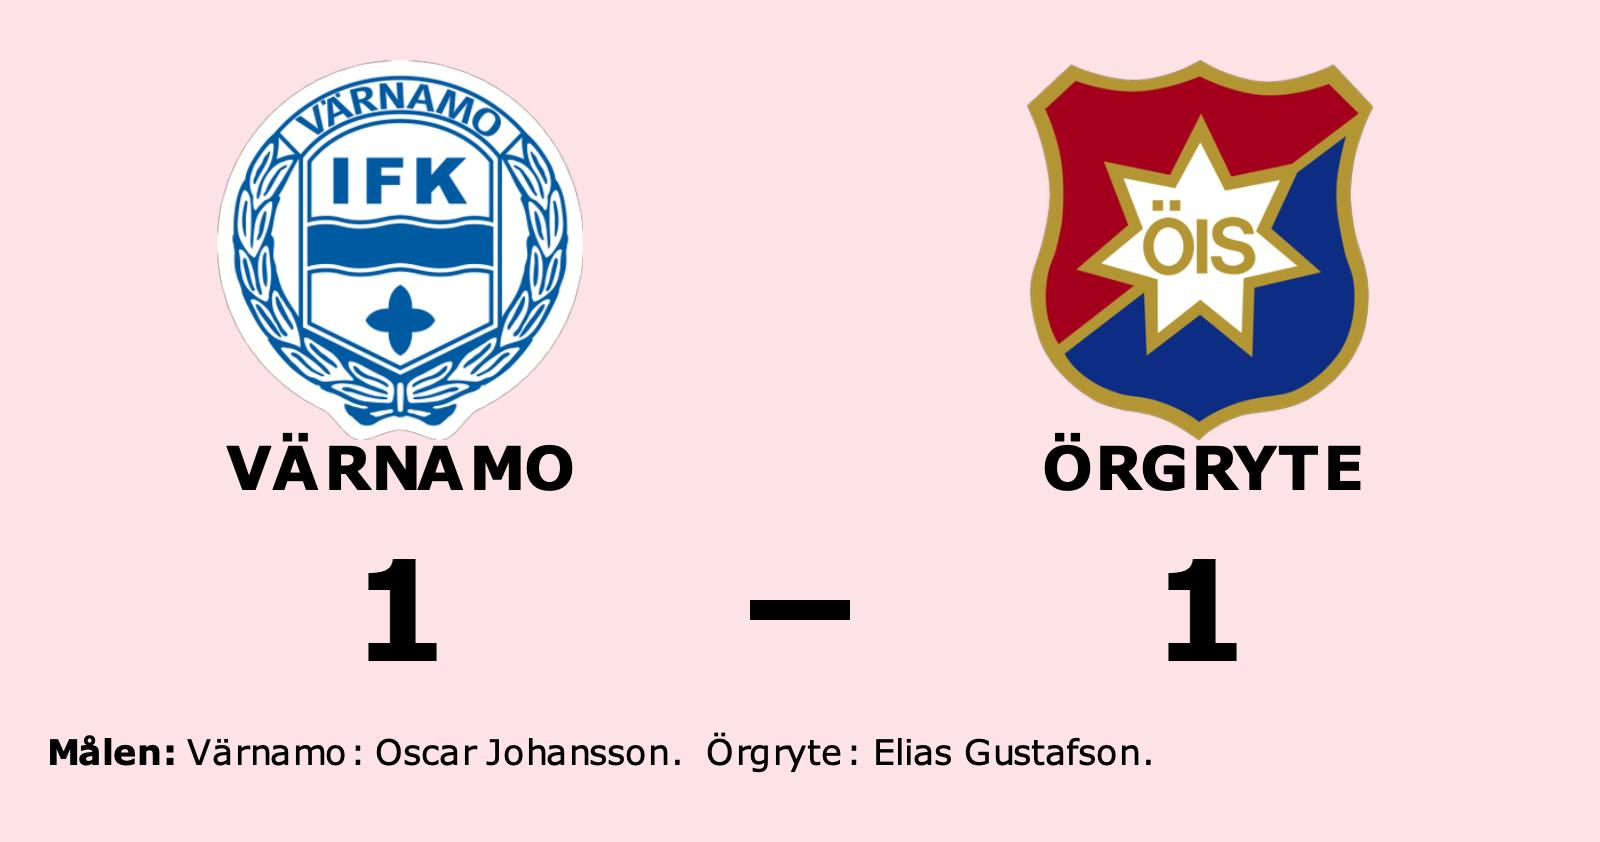 Elias Gustafson poängräddare för Örgryte